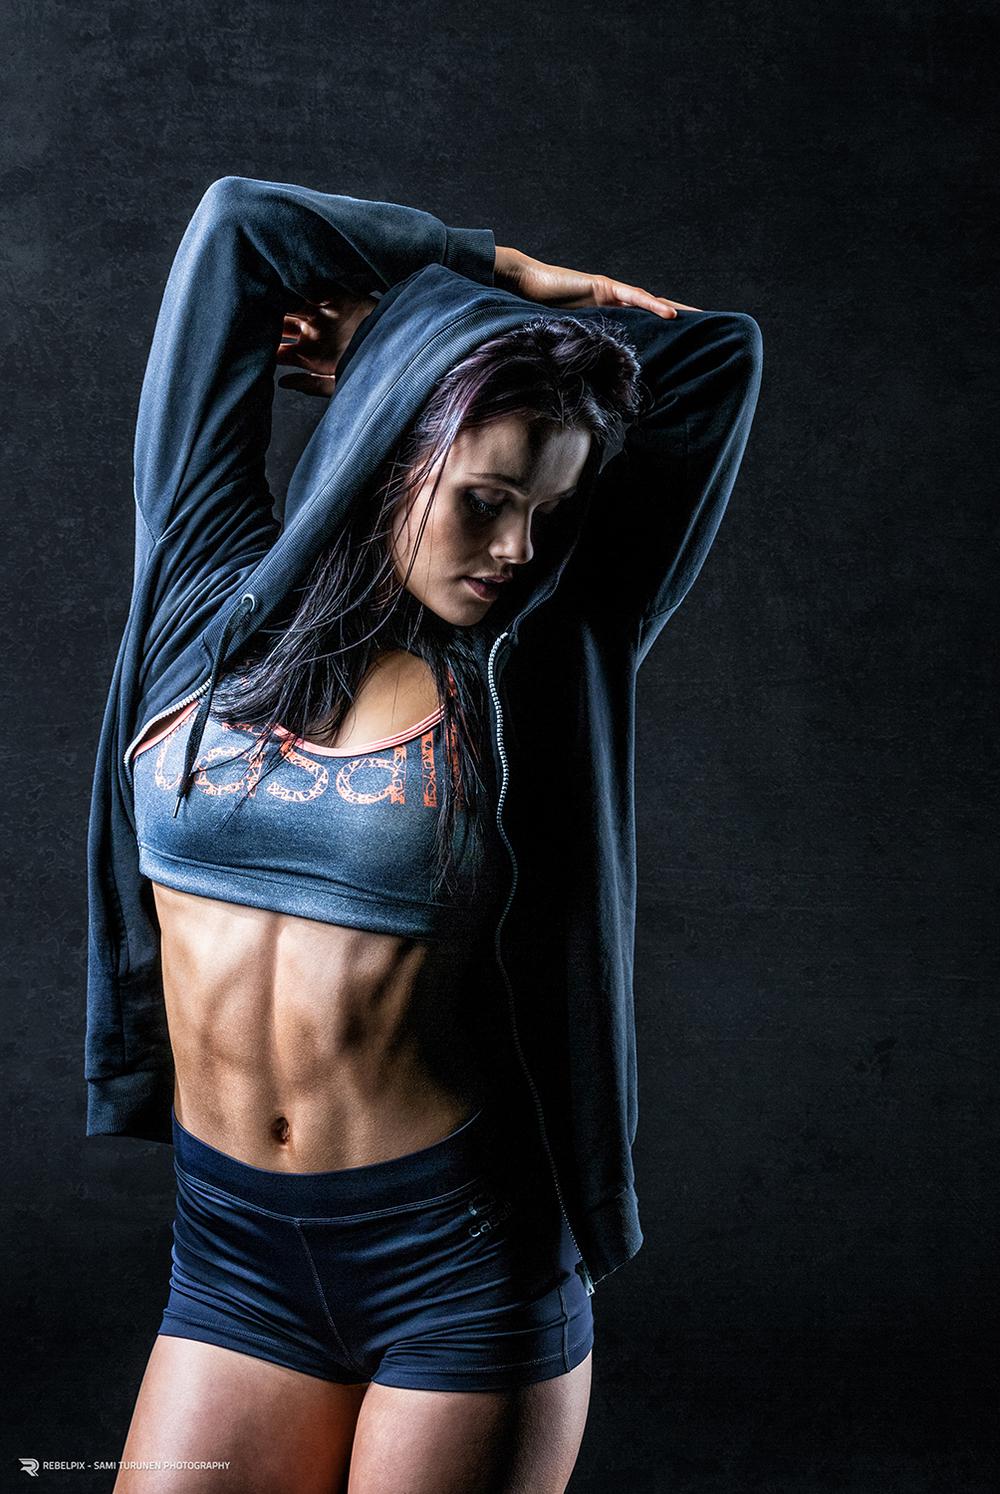 rebelpix_sport_fitness_roosa_kilpelainen461_crop2_lowres.jpg